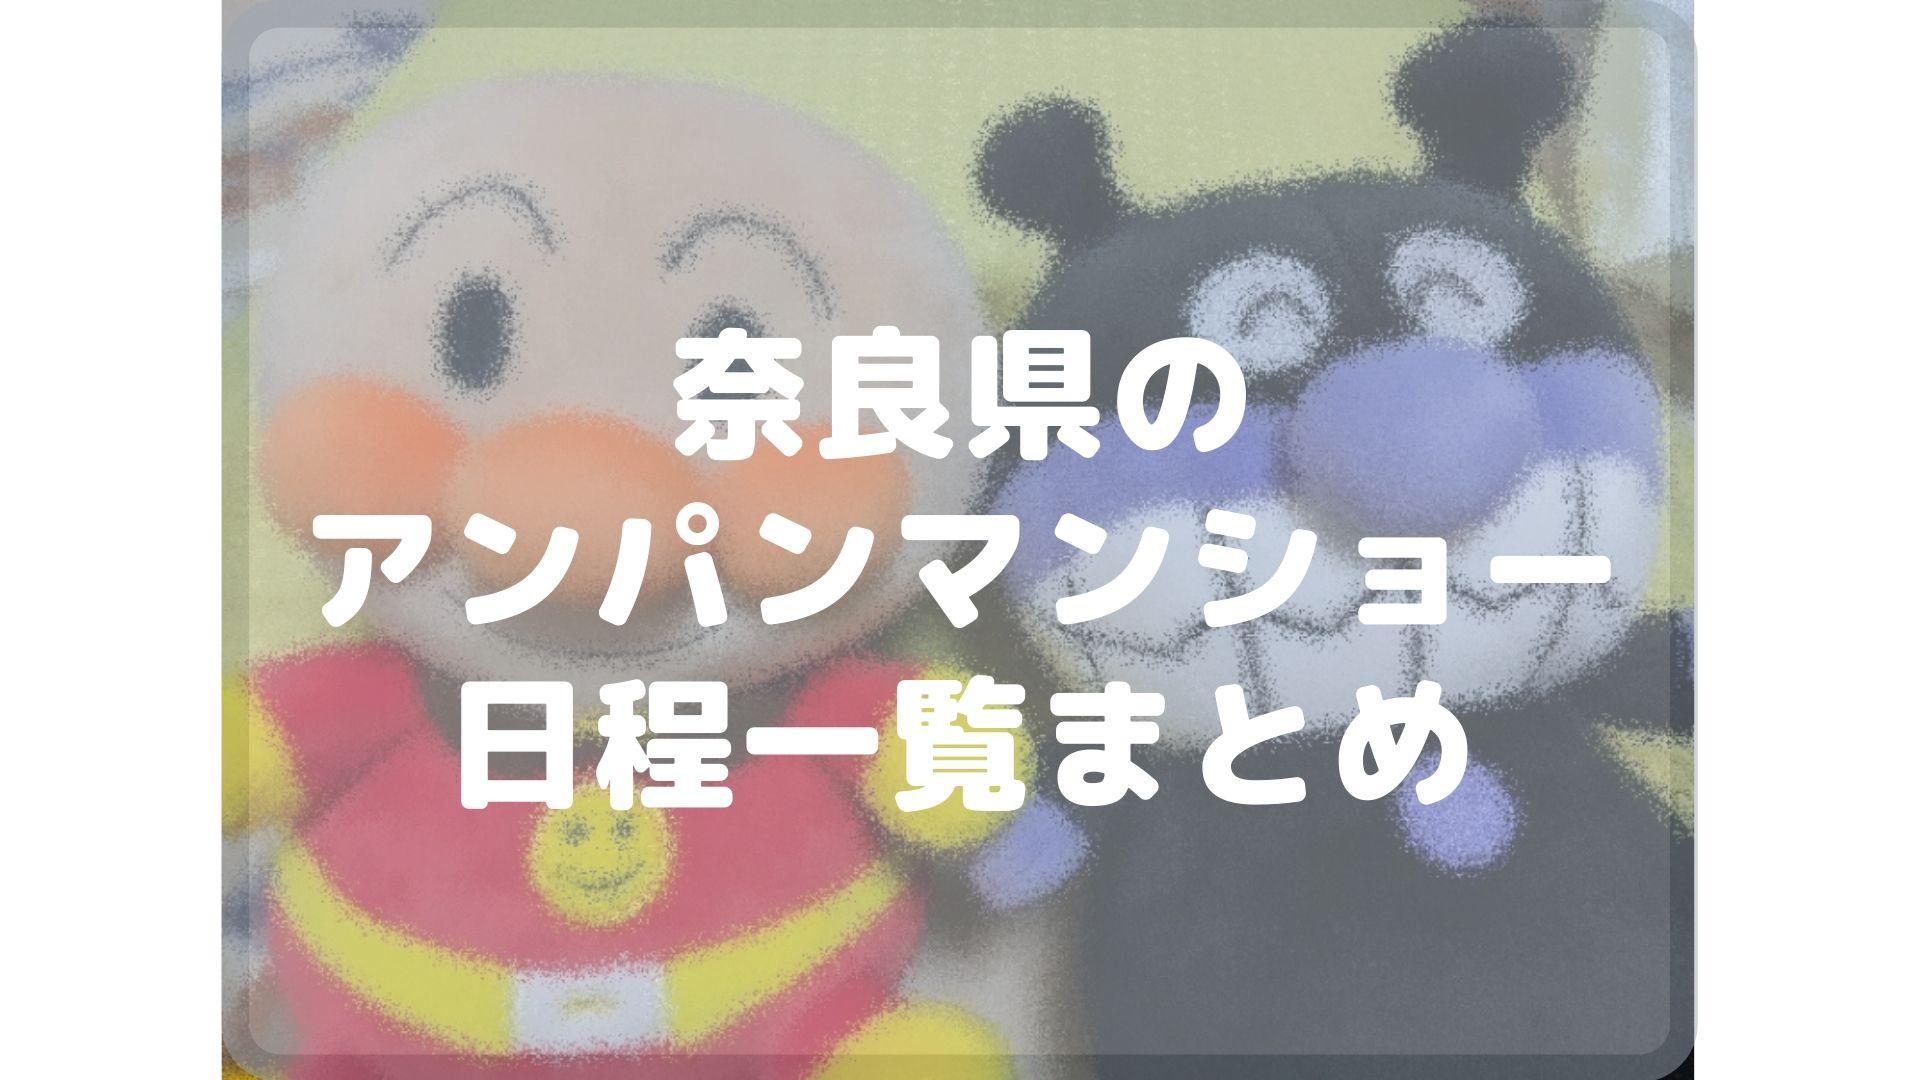 奈良県のアンパンマンショーまとめタイトル画像